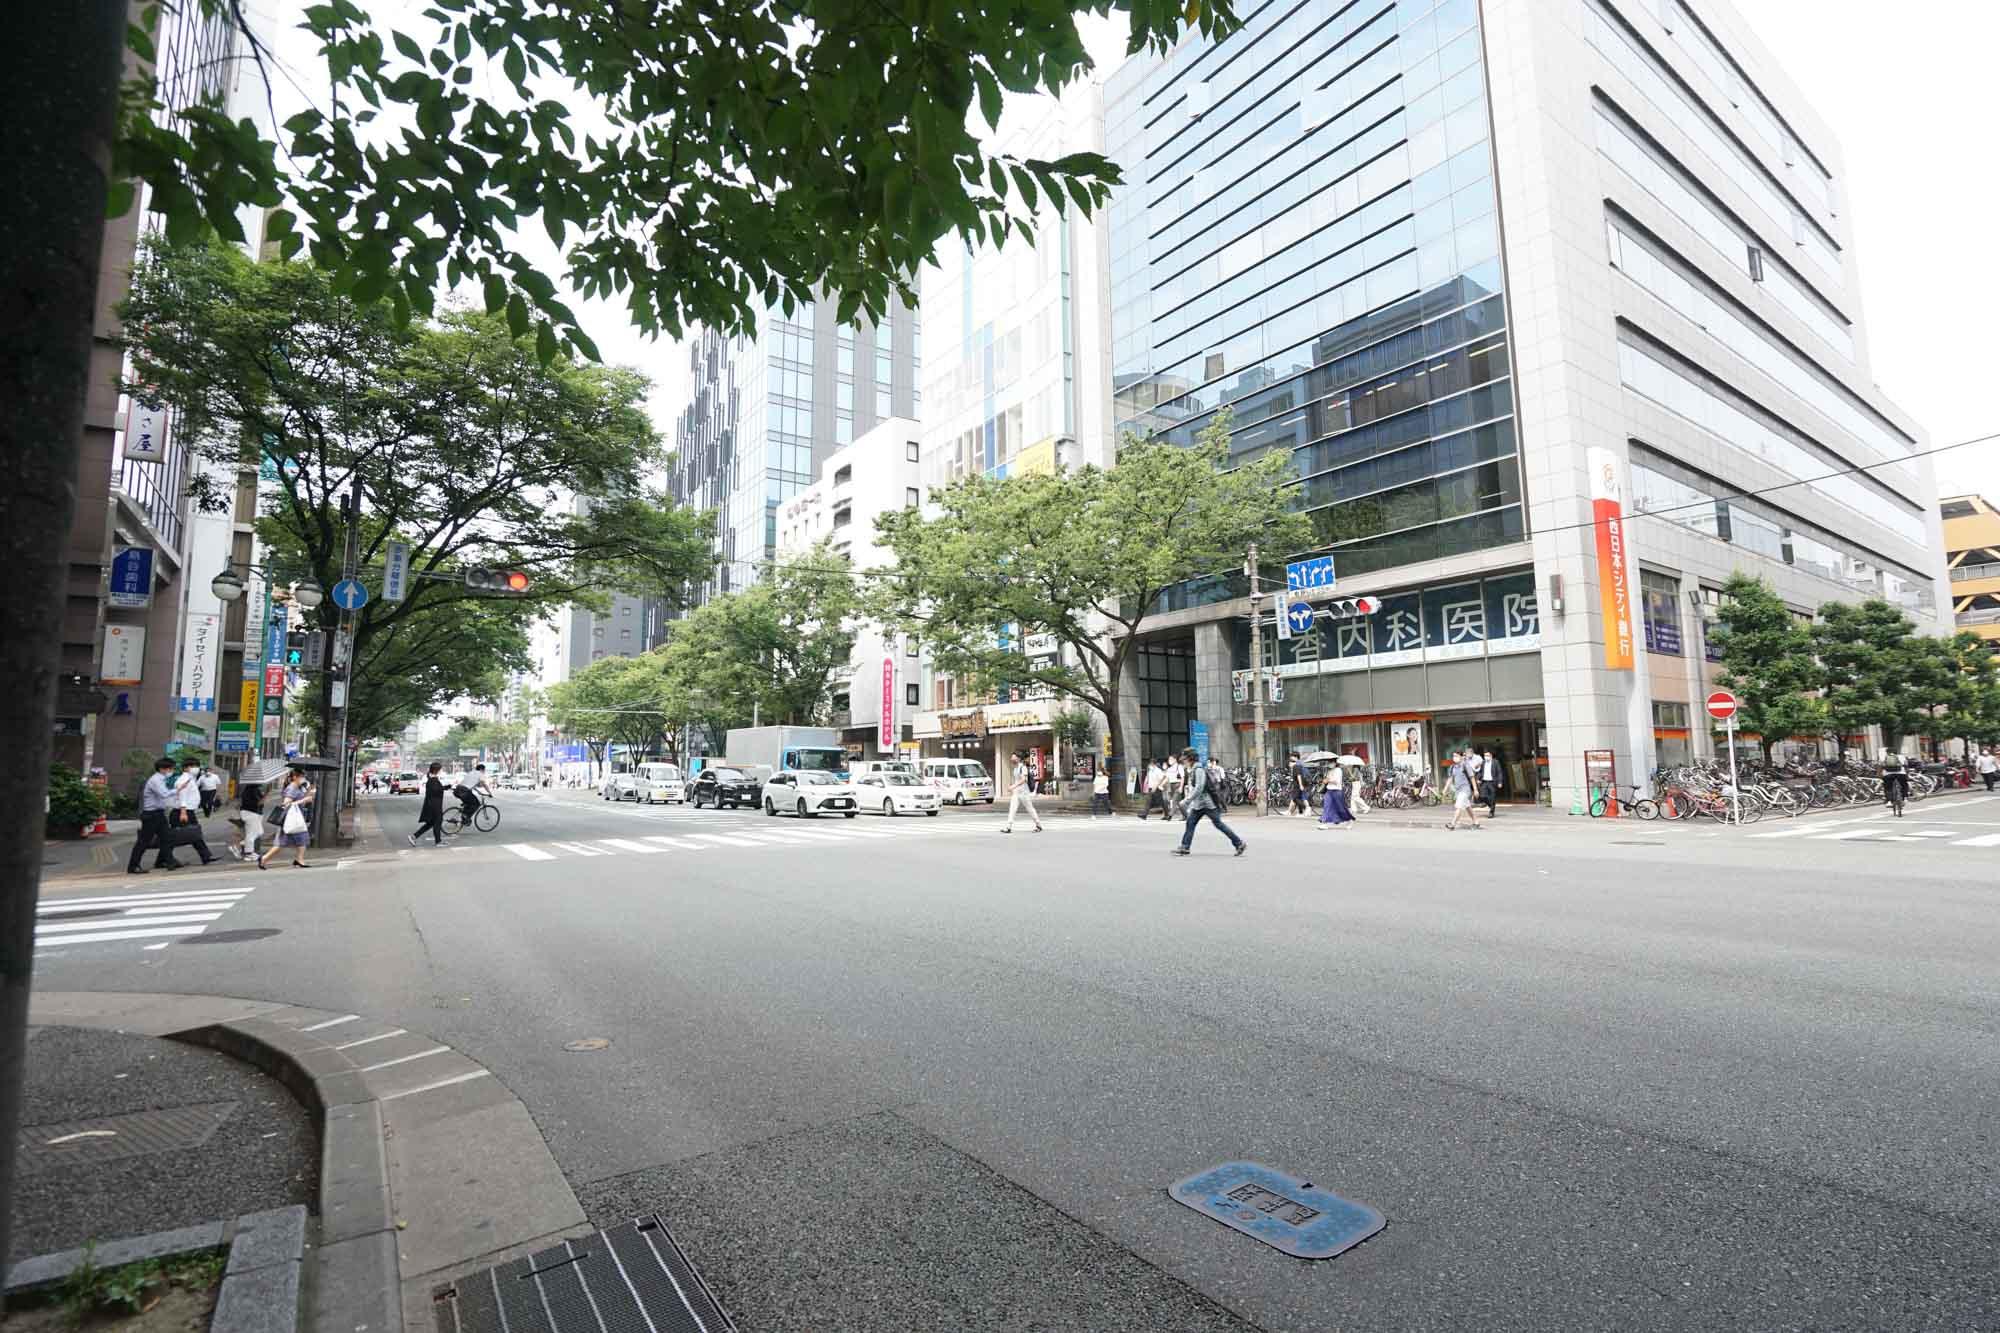 中洲、天神など繁華街へと続く博多駅の西側に比べて、オフィスエリアで静かな印象の東側。ただし周辺で働く人たちの需要に答えて飲食店は非常にたくさんあり、困ることはなさそうです。